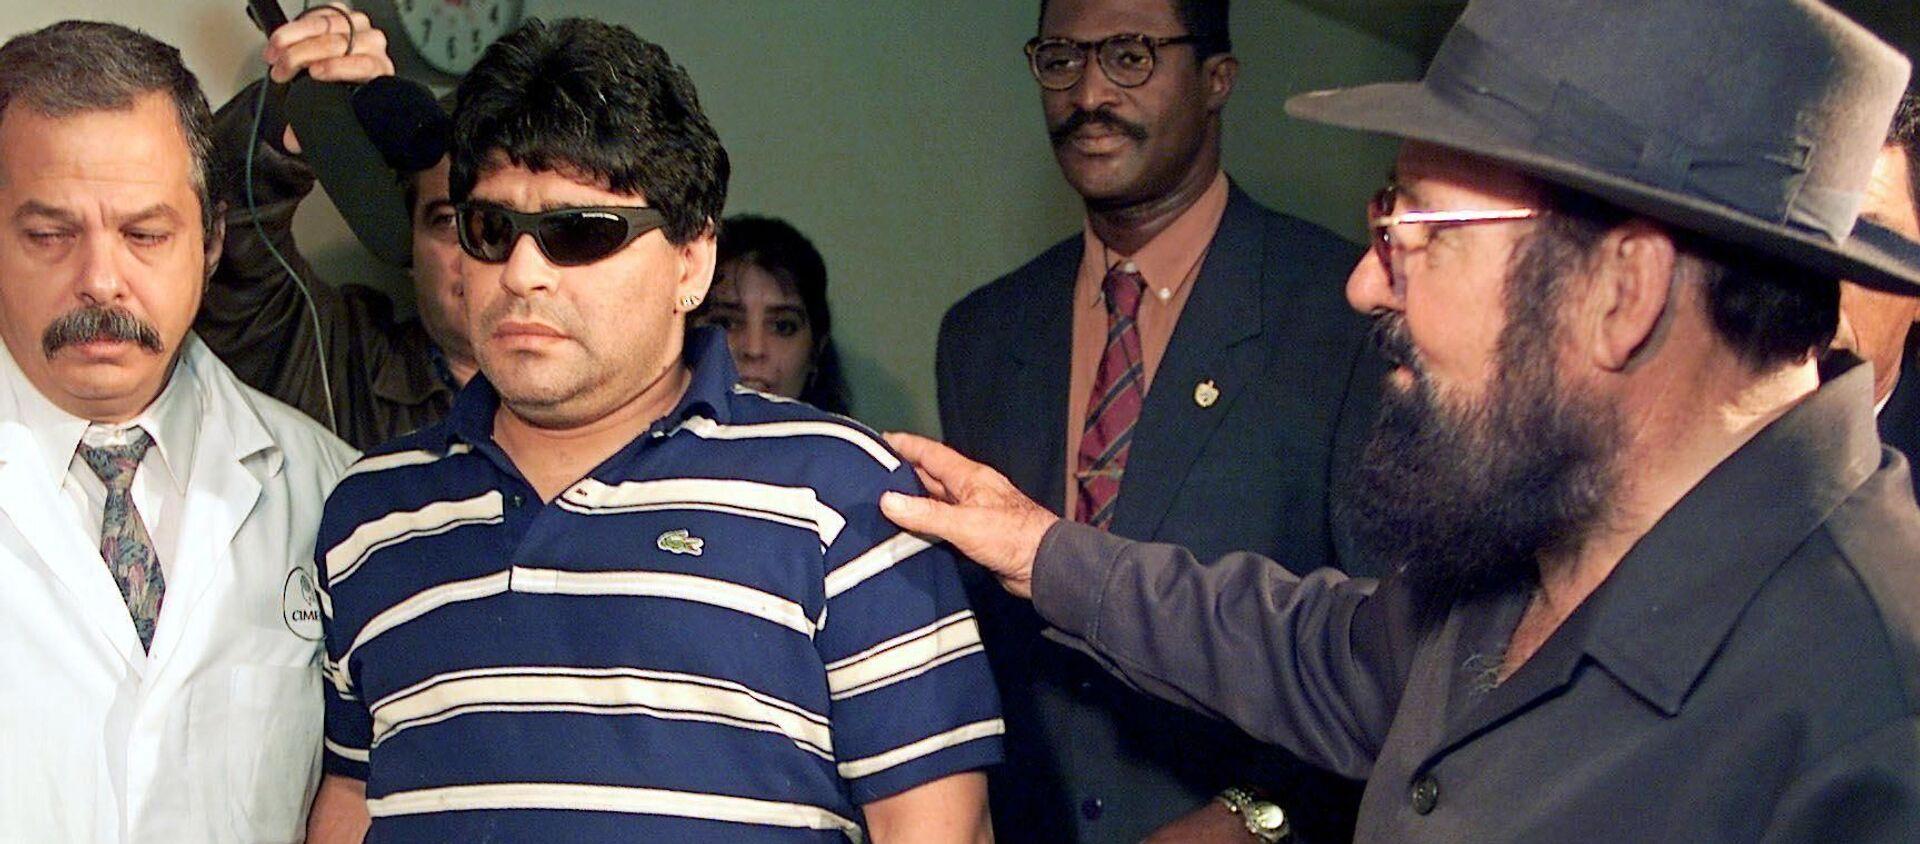 Diego Maradona llegando al Hospital Psiquiátrico de La Habana, para internarse por el consumo abusivo de drogas, en el 2000 - Sputnik Mundo, 1920, 26.11.2020